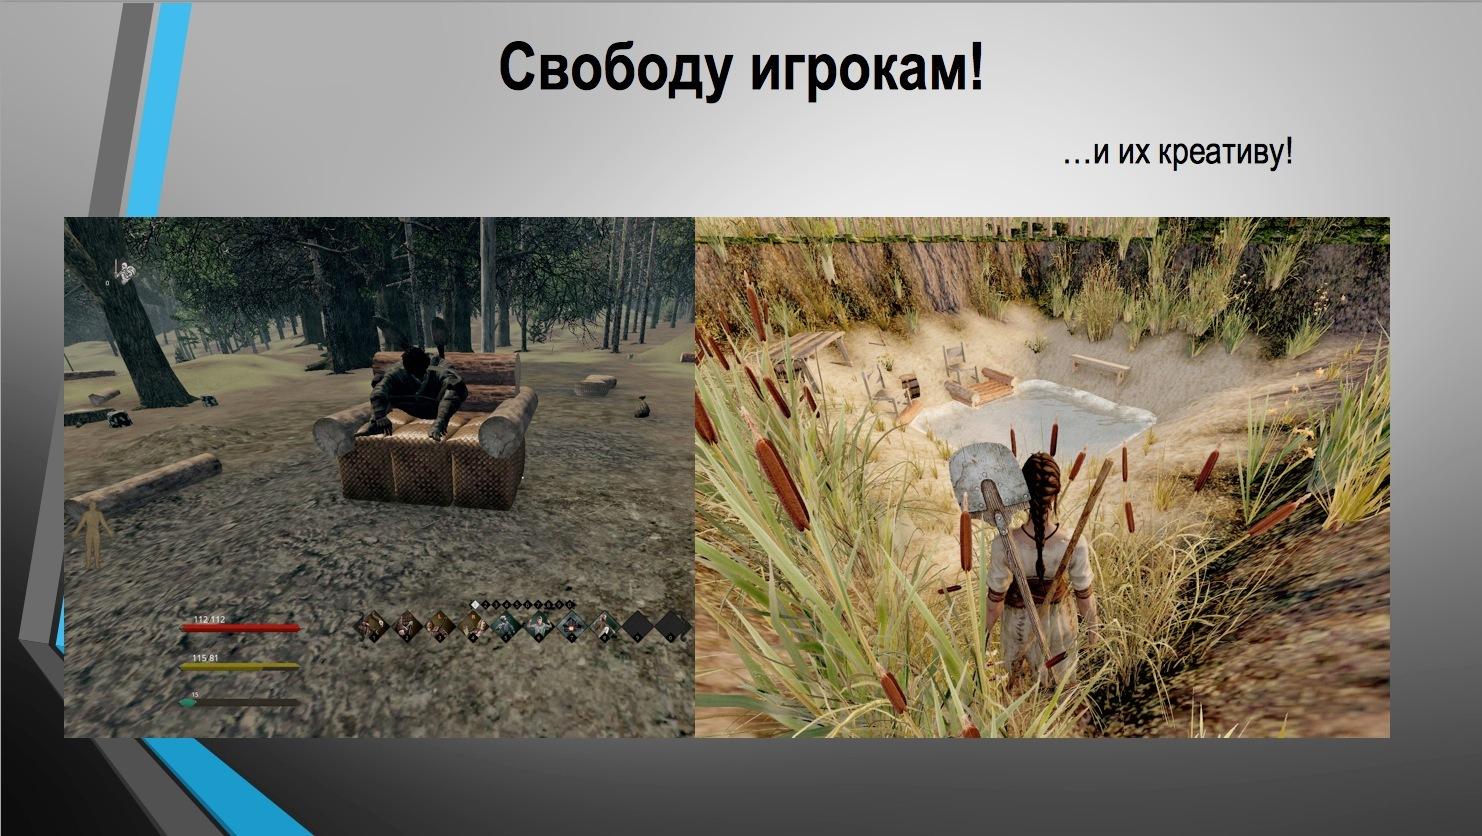 Конспект лекции про дизайн игровых механик сэндбокс-проектов от создателя Life is Feudal - 6